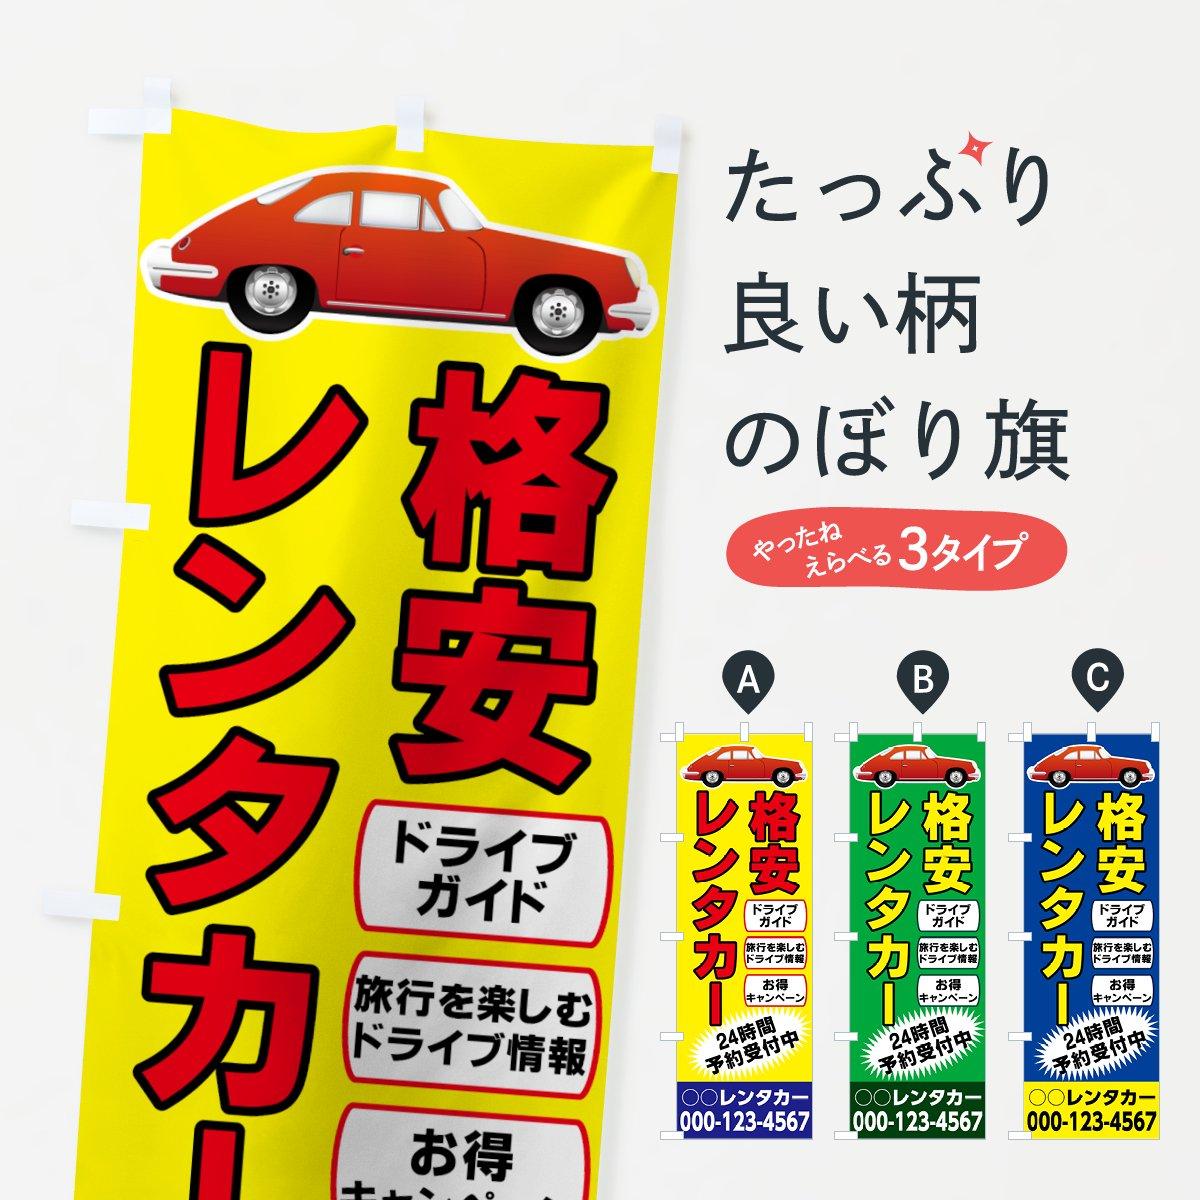 【名入無料】のぼり旗 格安レンタカー 24時間予約受付